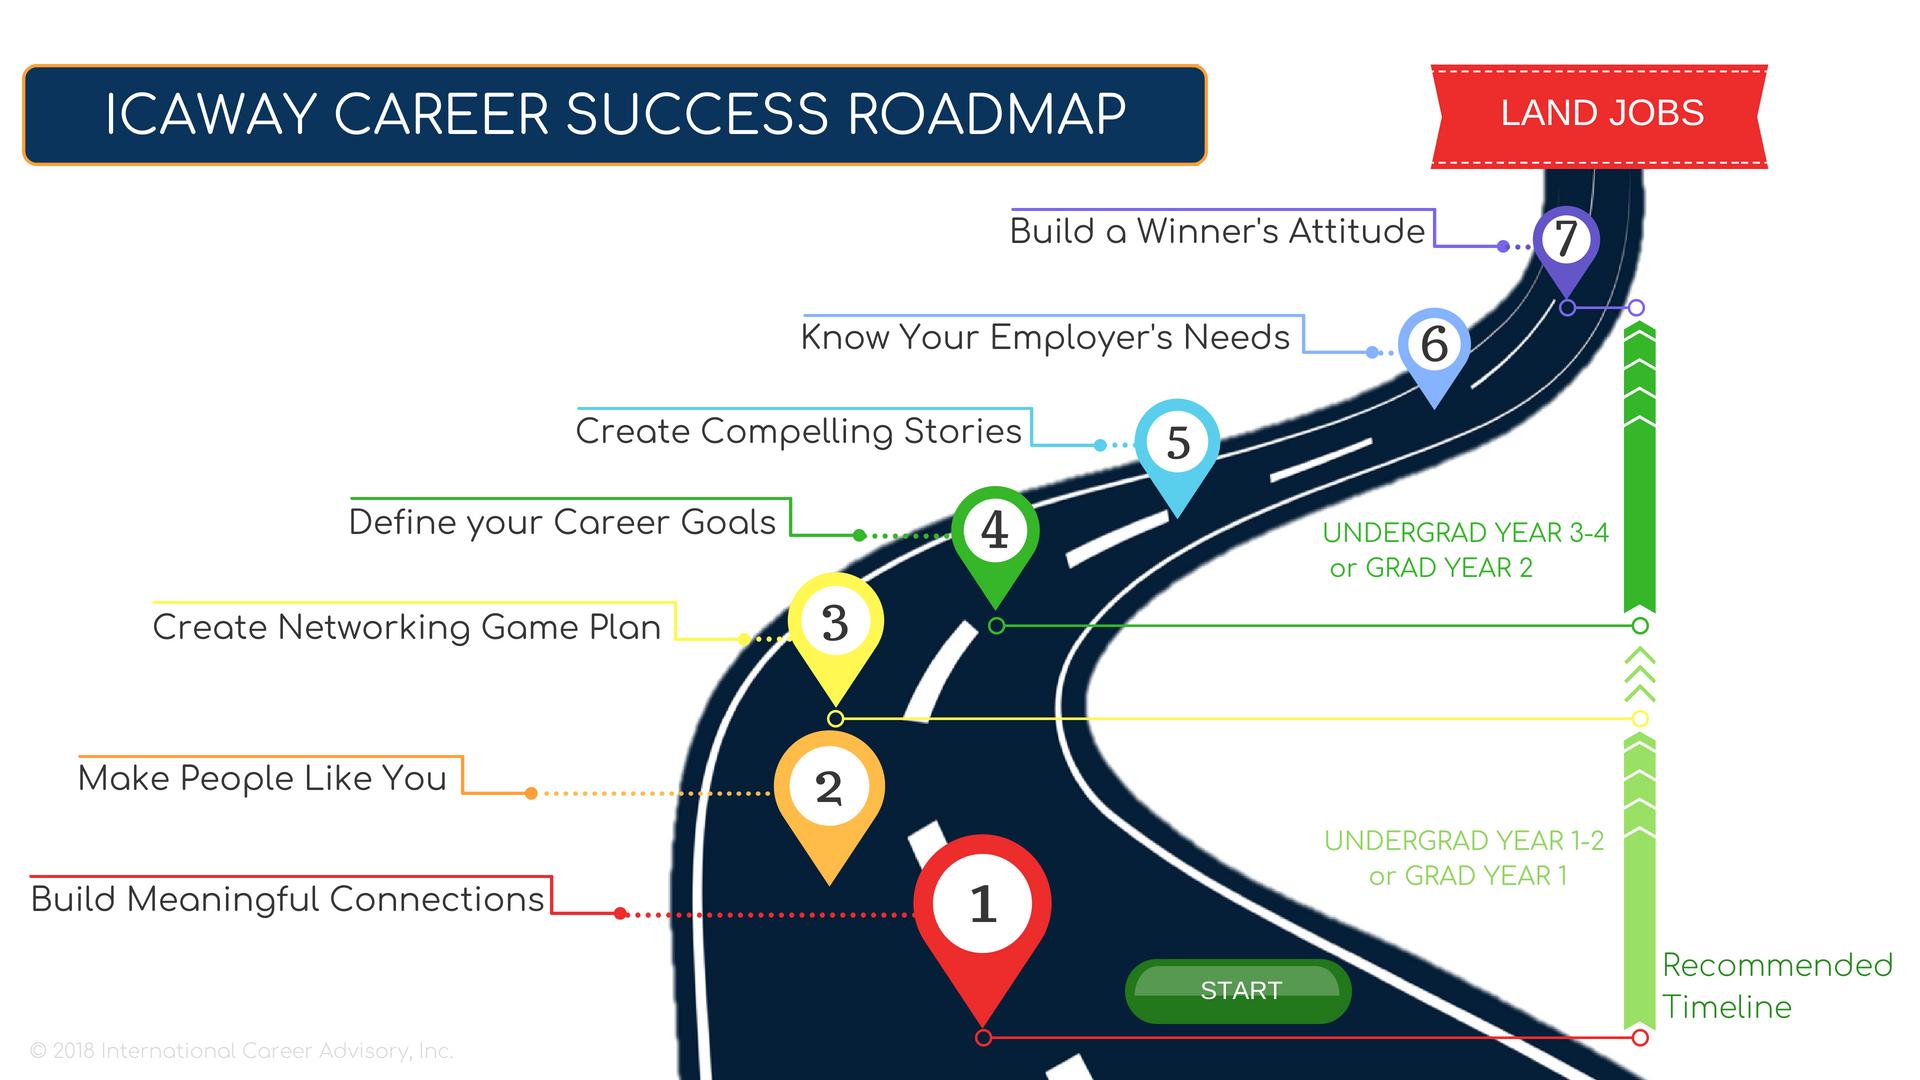 Icaway Career Success Roadmap